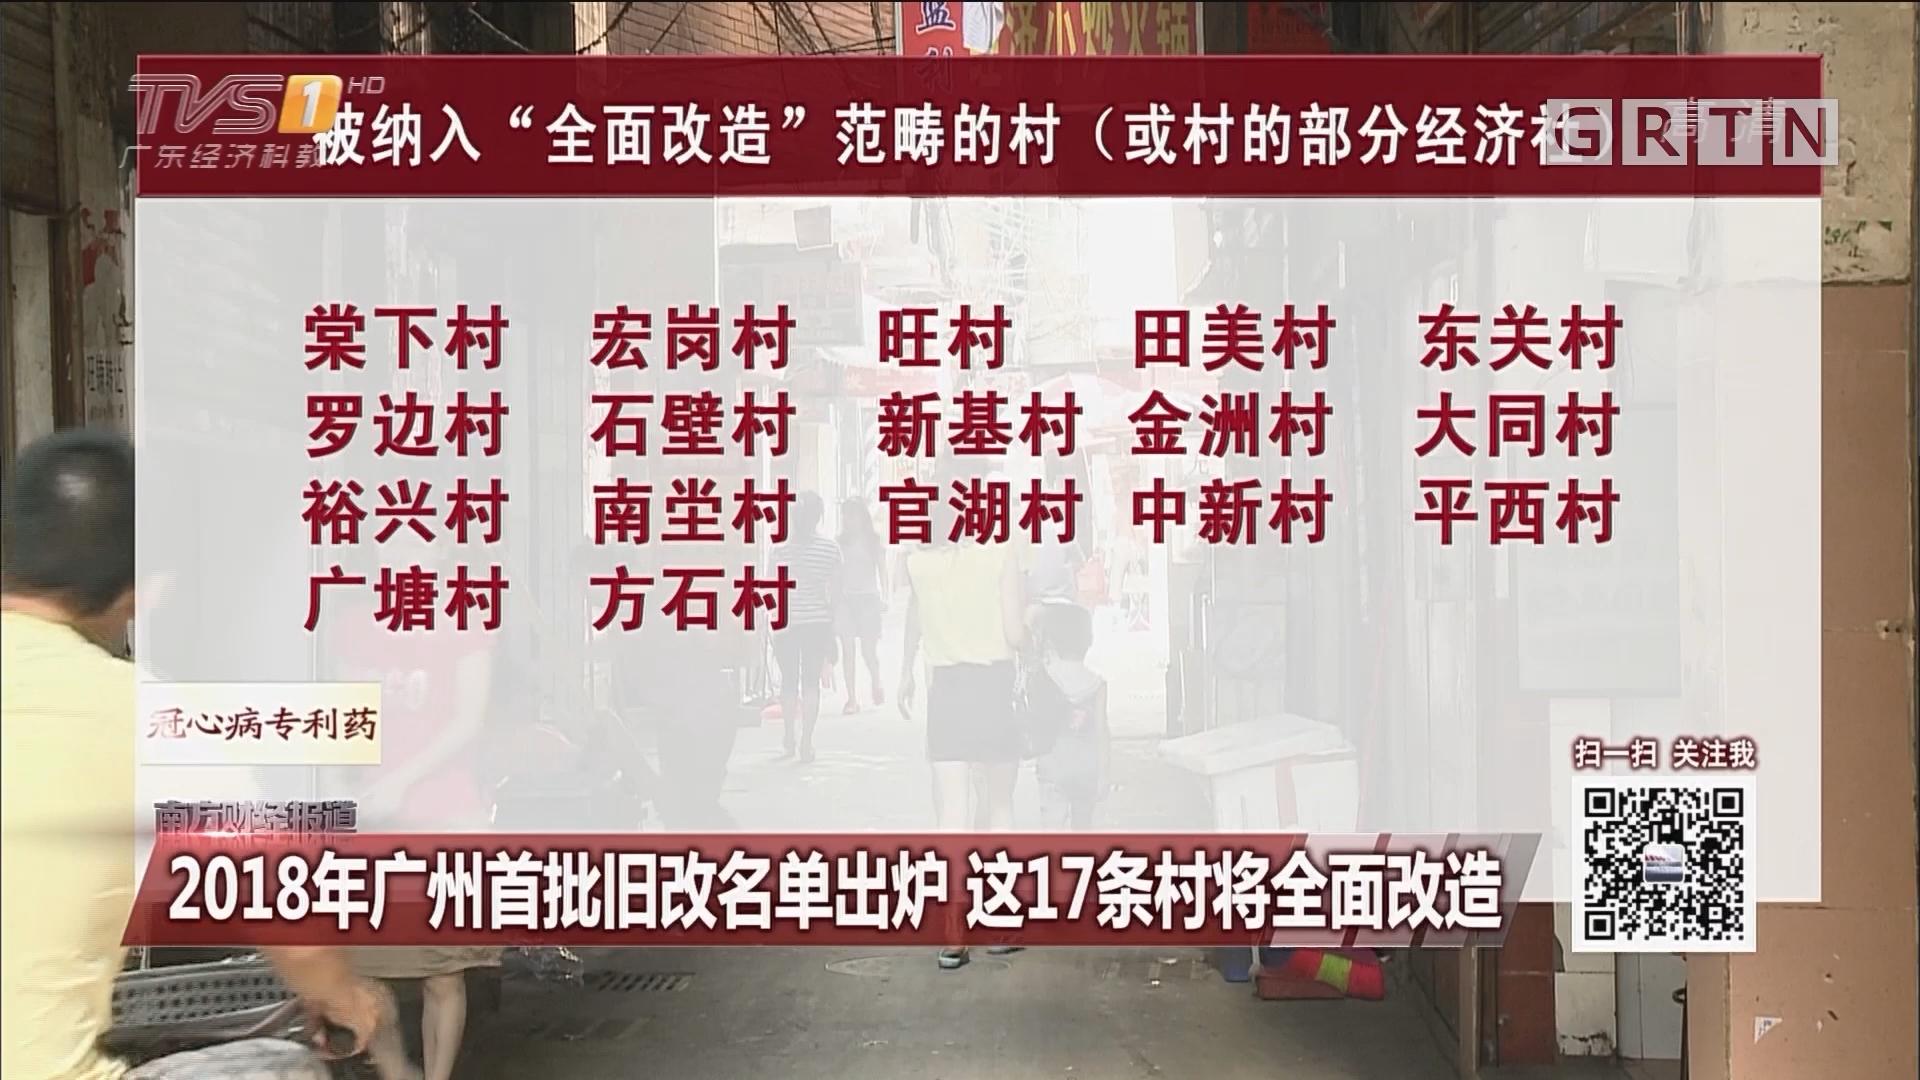 2018年广州首批旧改名单出炉 这17条村将全面改造